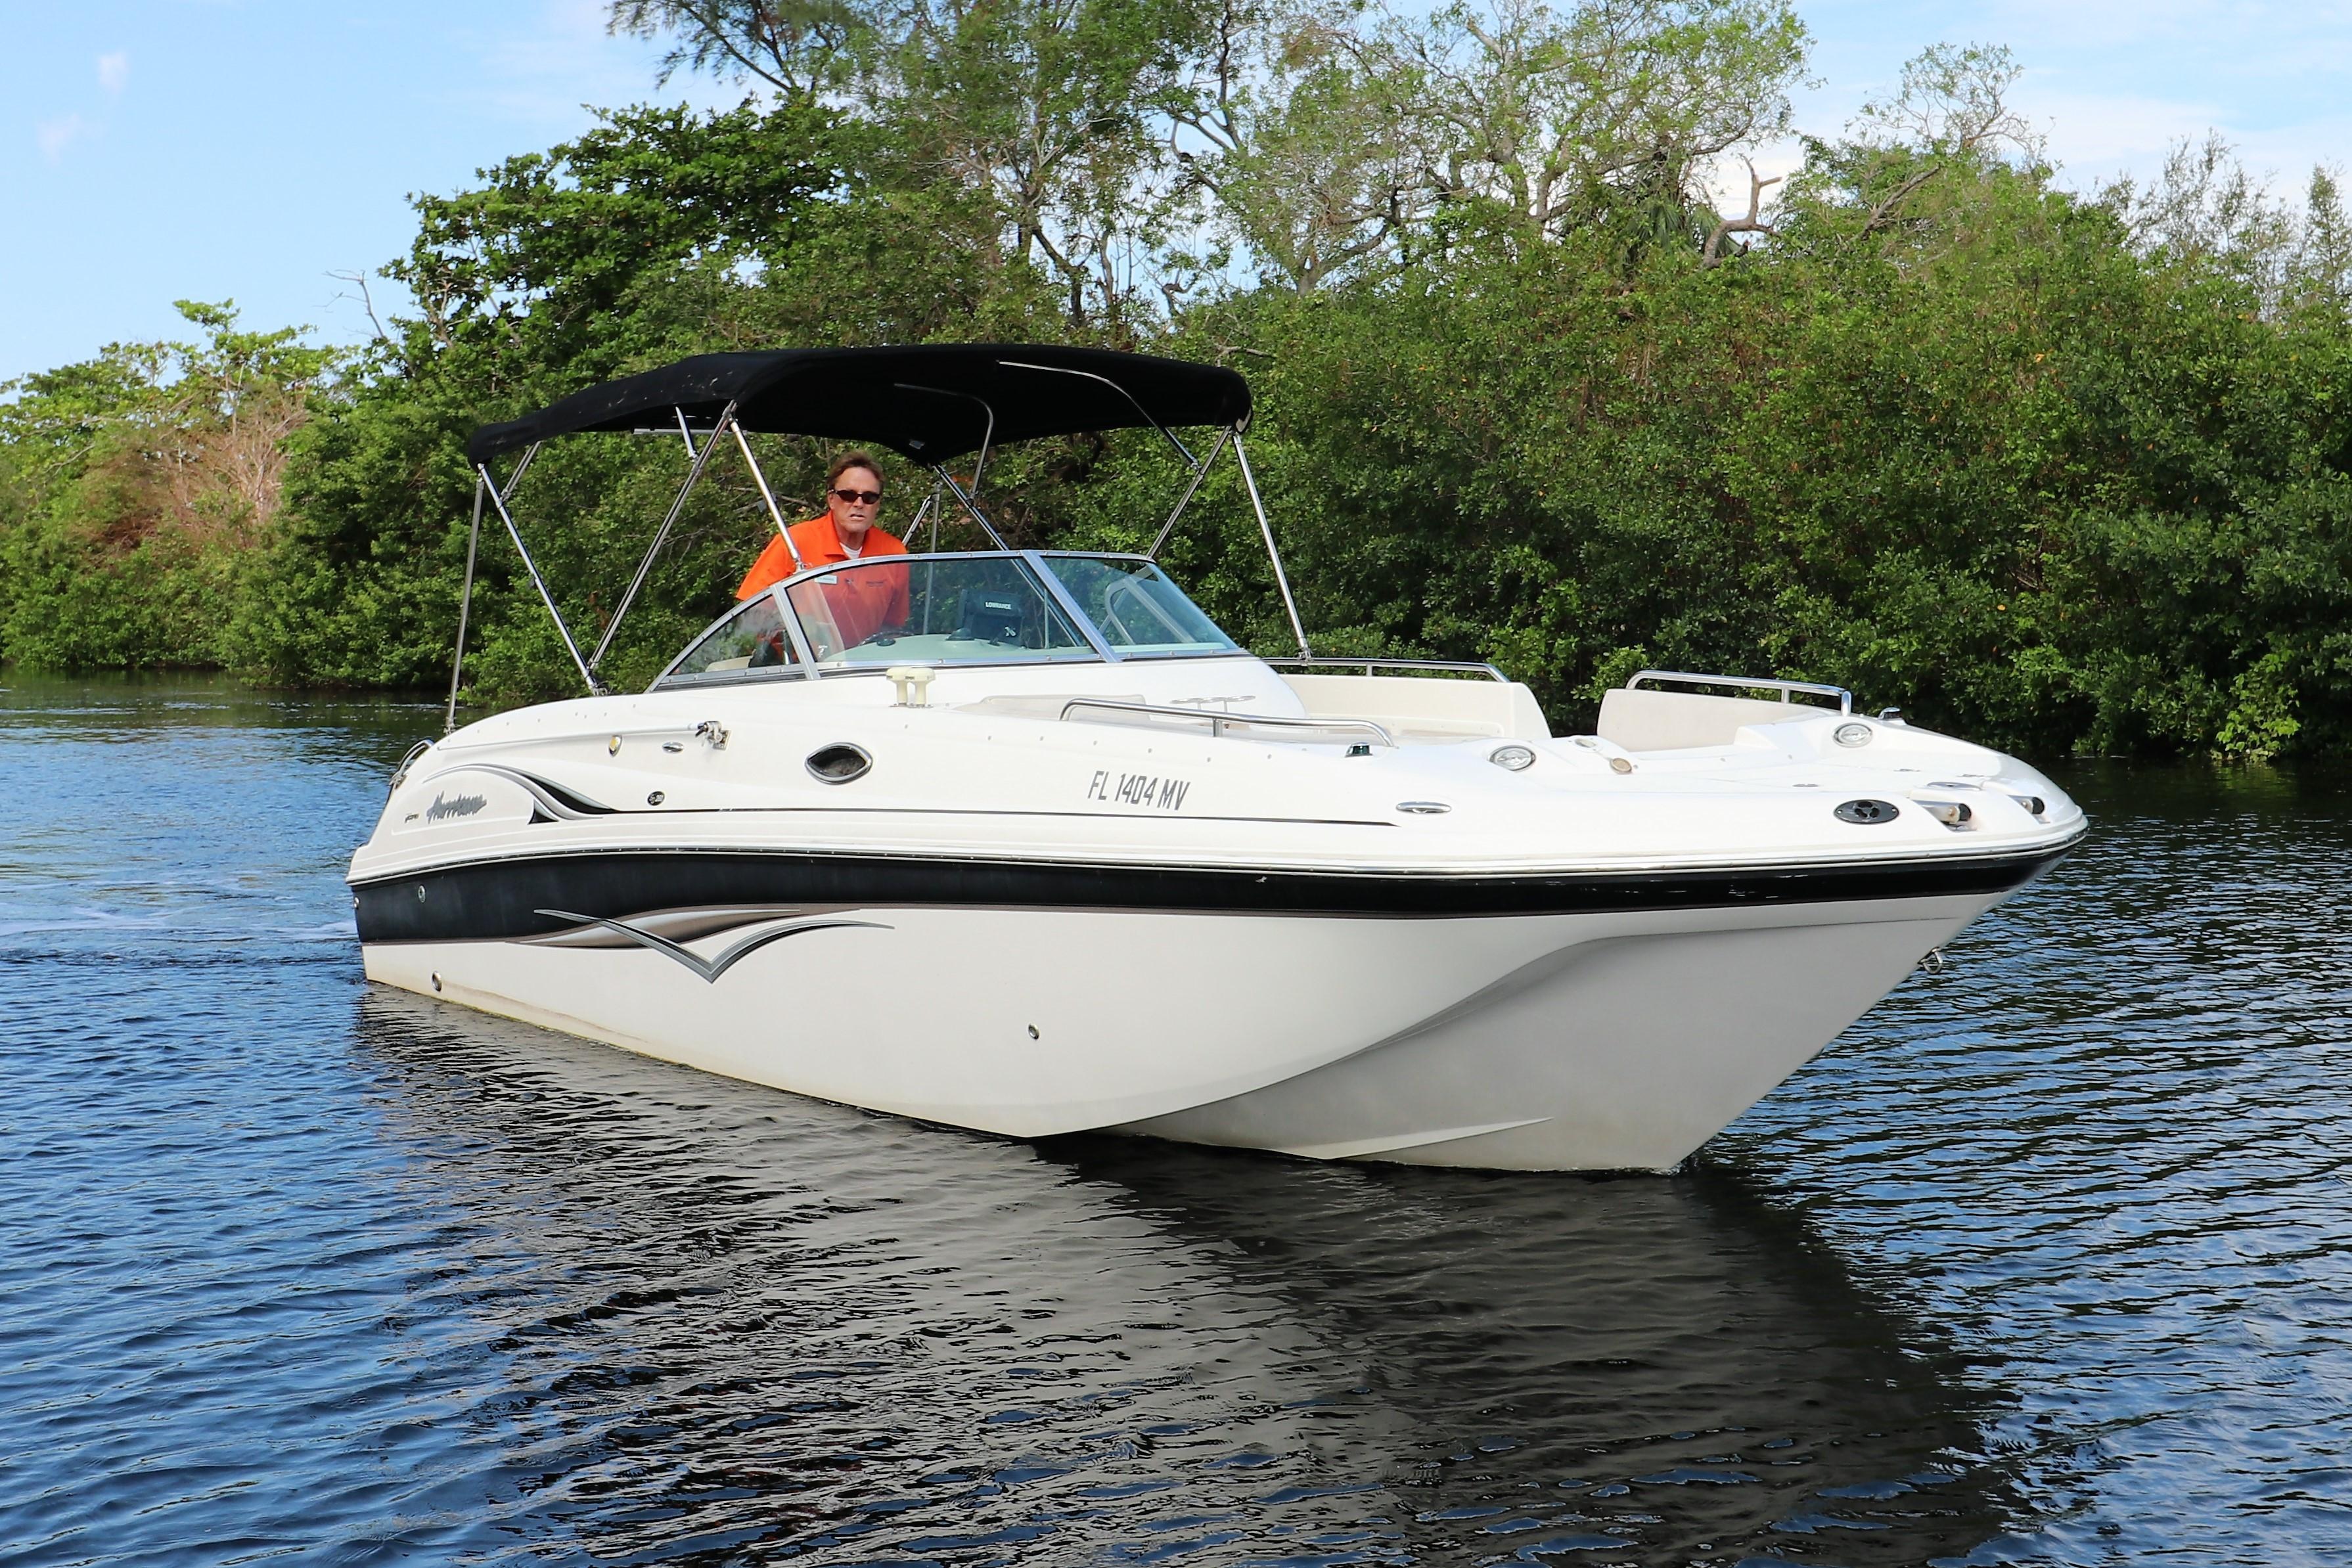 2005 Hurricane SunDeck 260 OB Power Boat For Sale Www